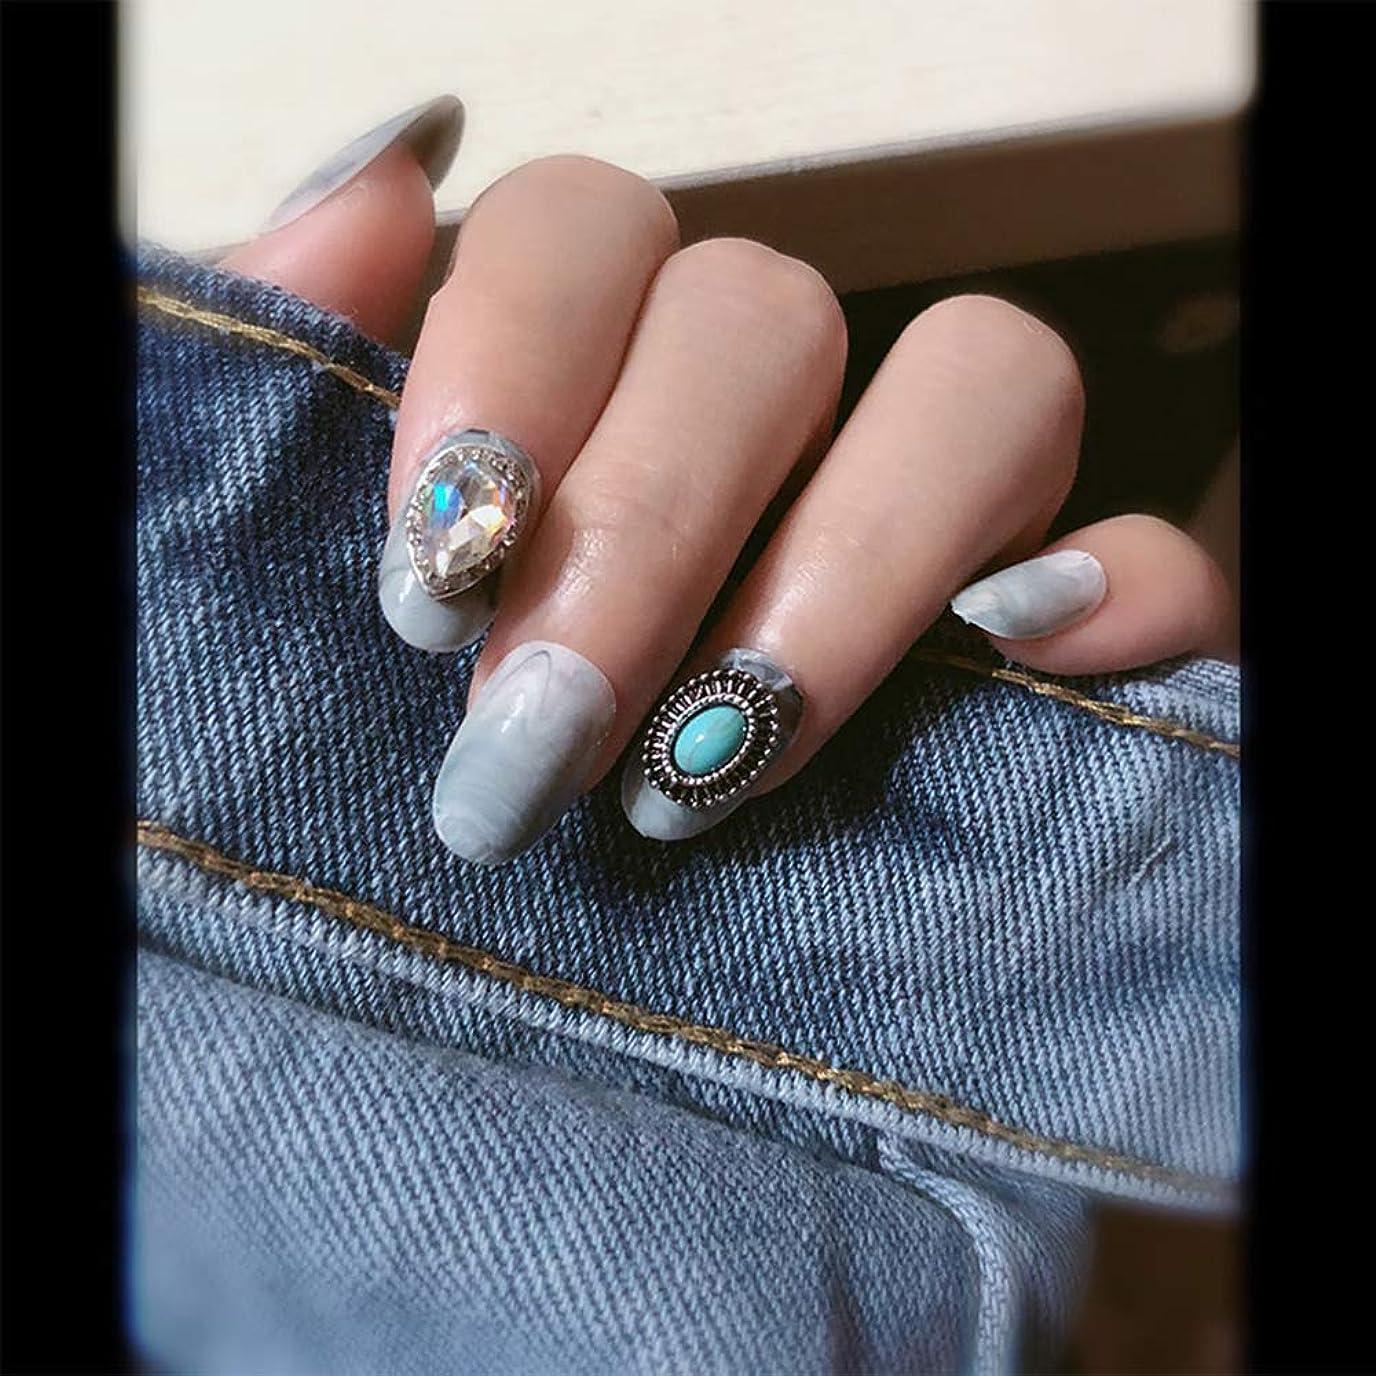 原点署名ケージXUTXZKA 偽の爪を持つ丸い大理石のパターン女性の完全な爪のヒント花嫁の偽の爪